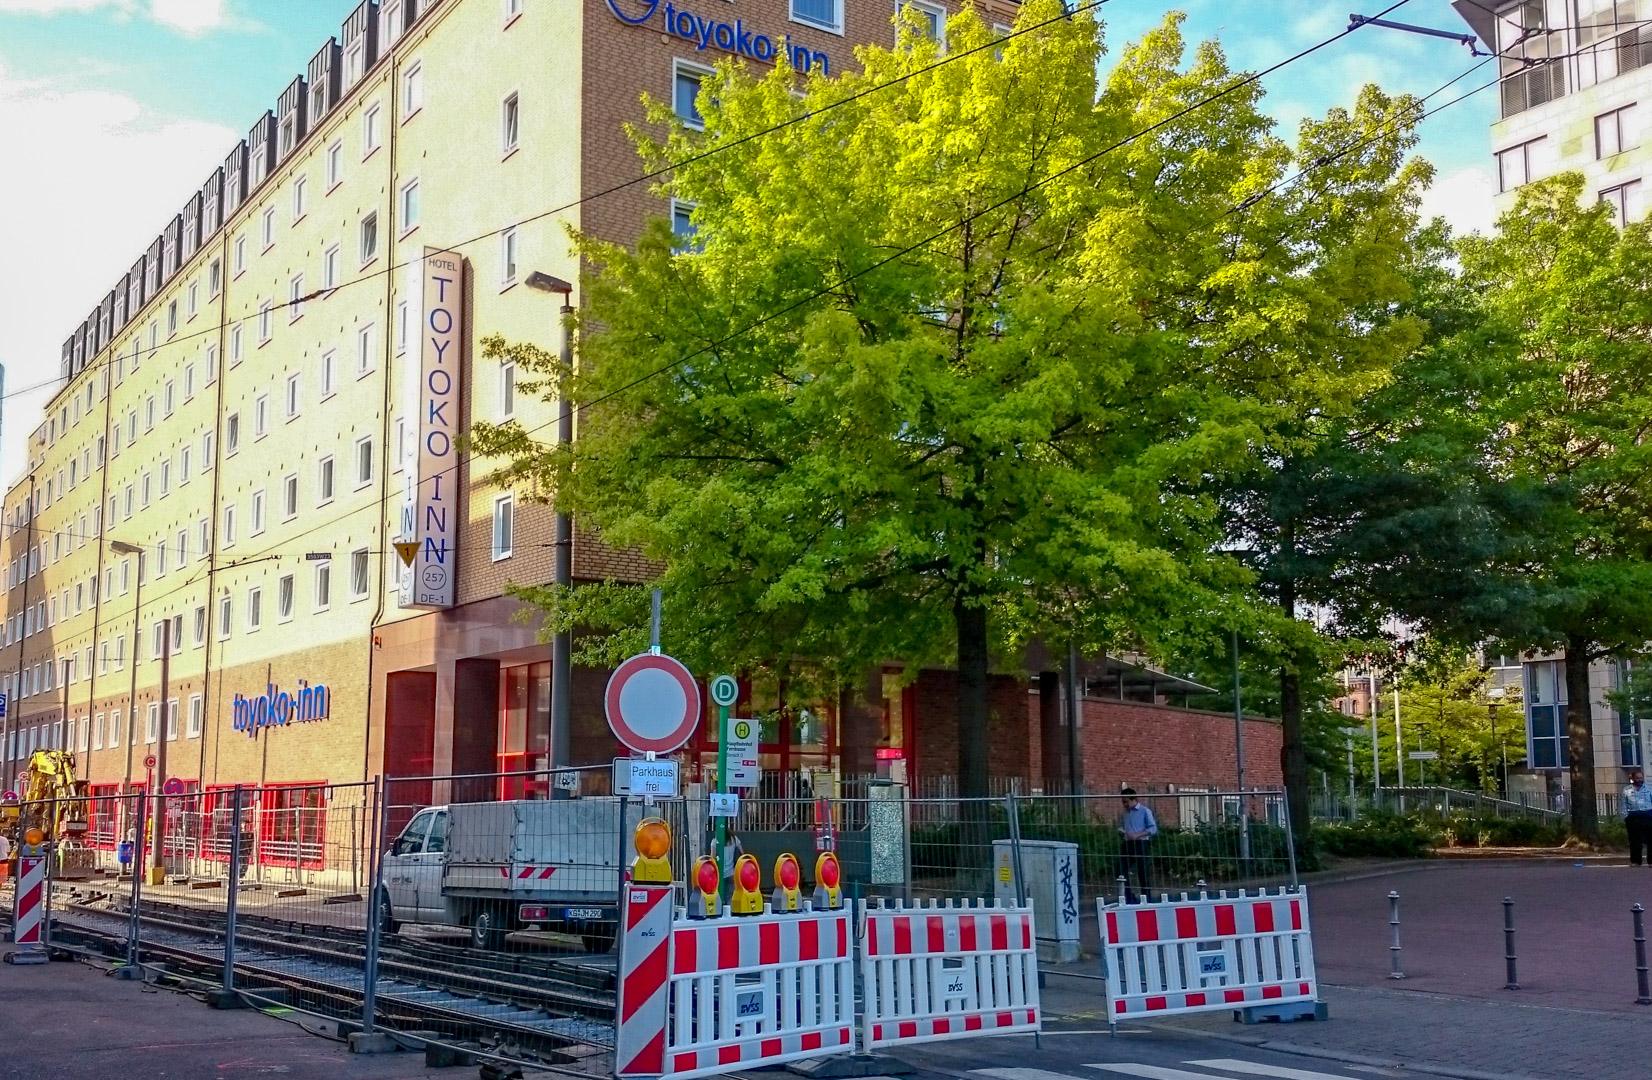 フランクフルトの日系ホテル 東横イン フランクフルト